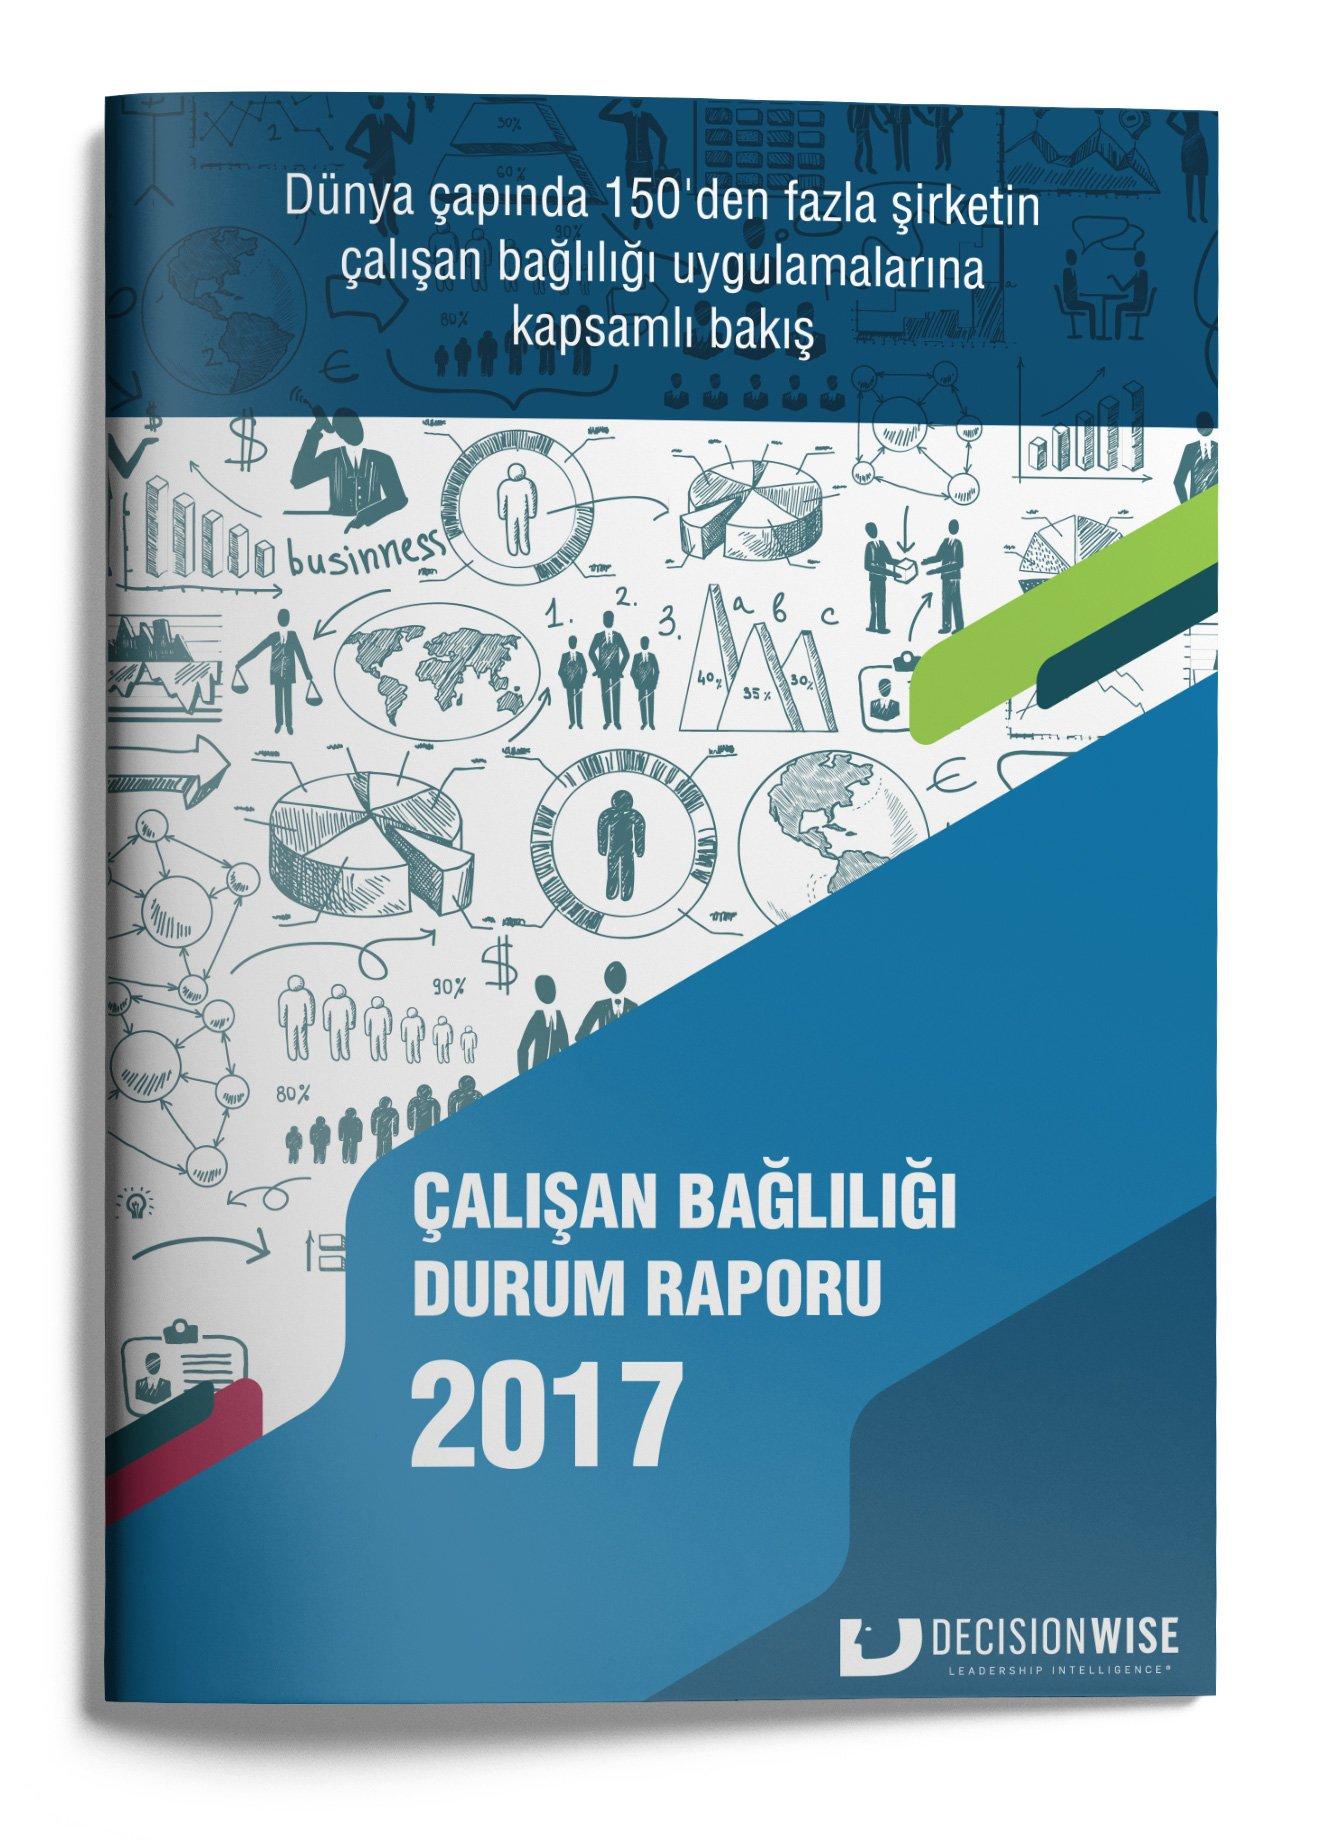 2017_calisan_bagliligi_durum_raporu_mockup